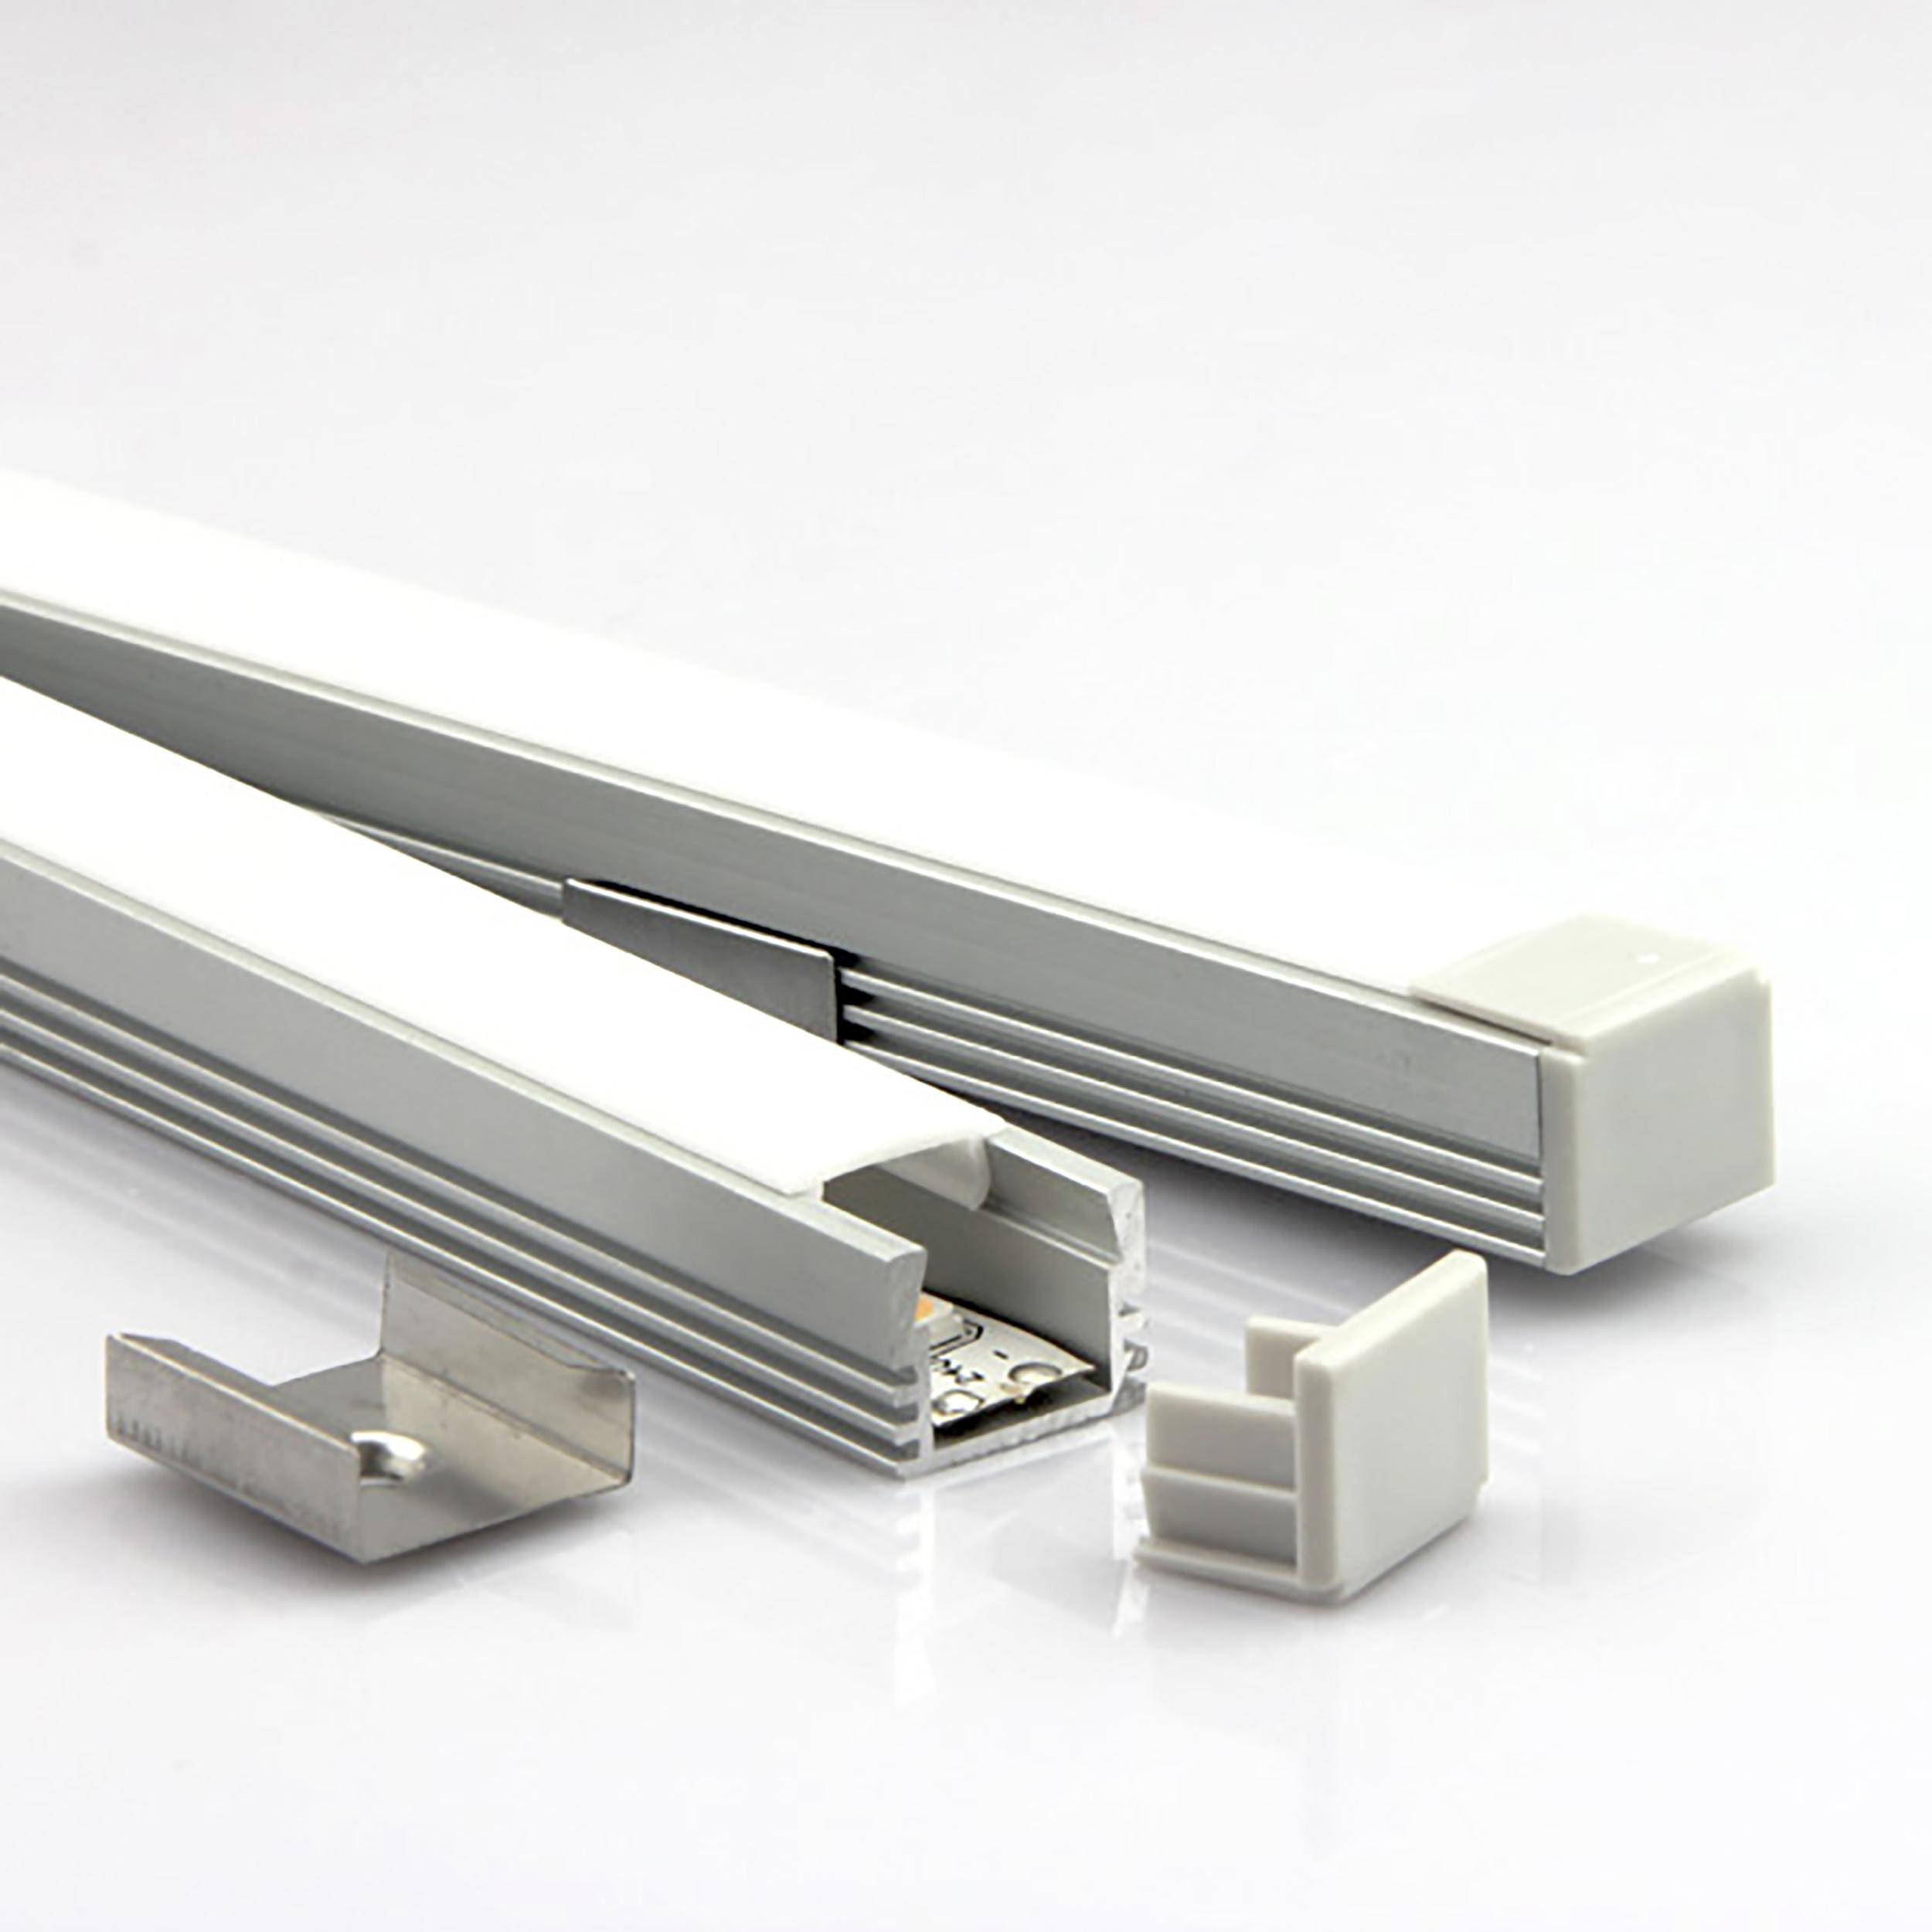 Aluminiumprofiler för montering av LED tejp